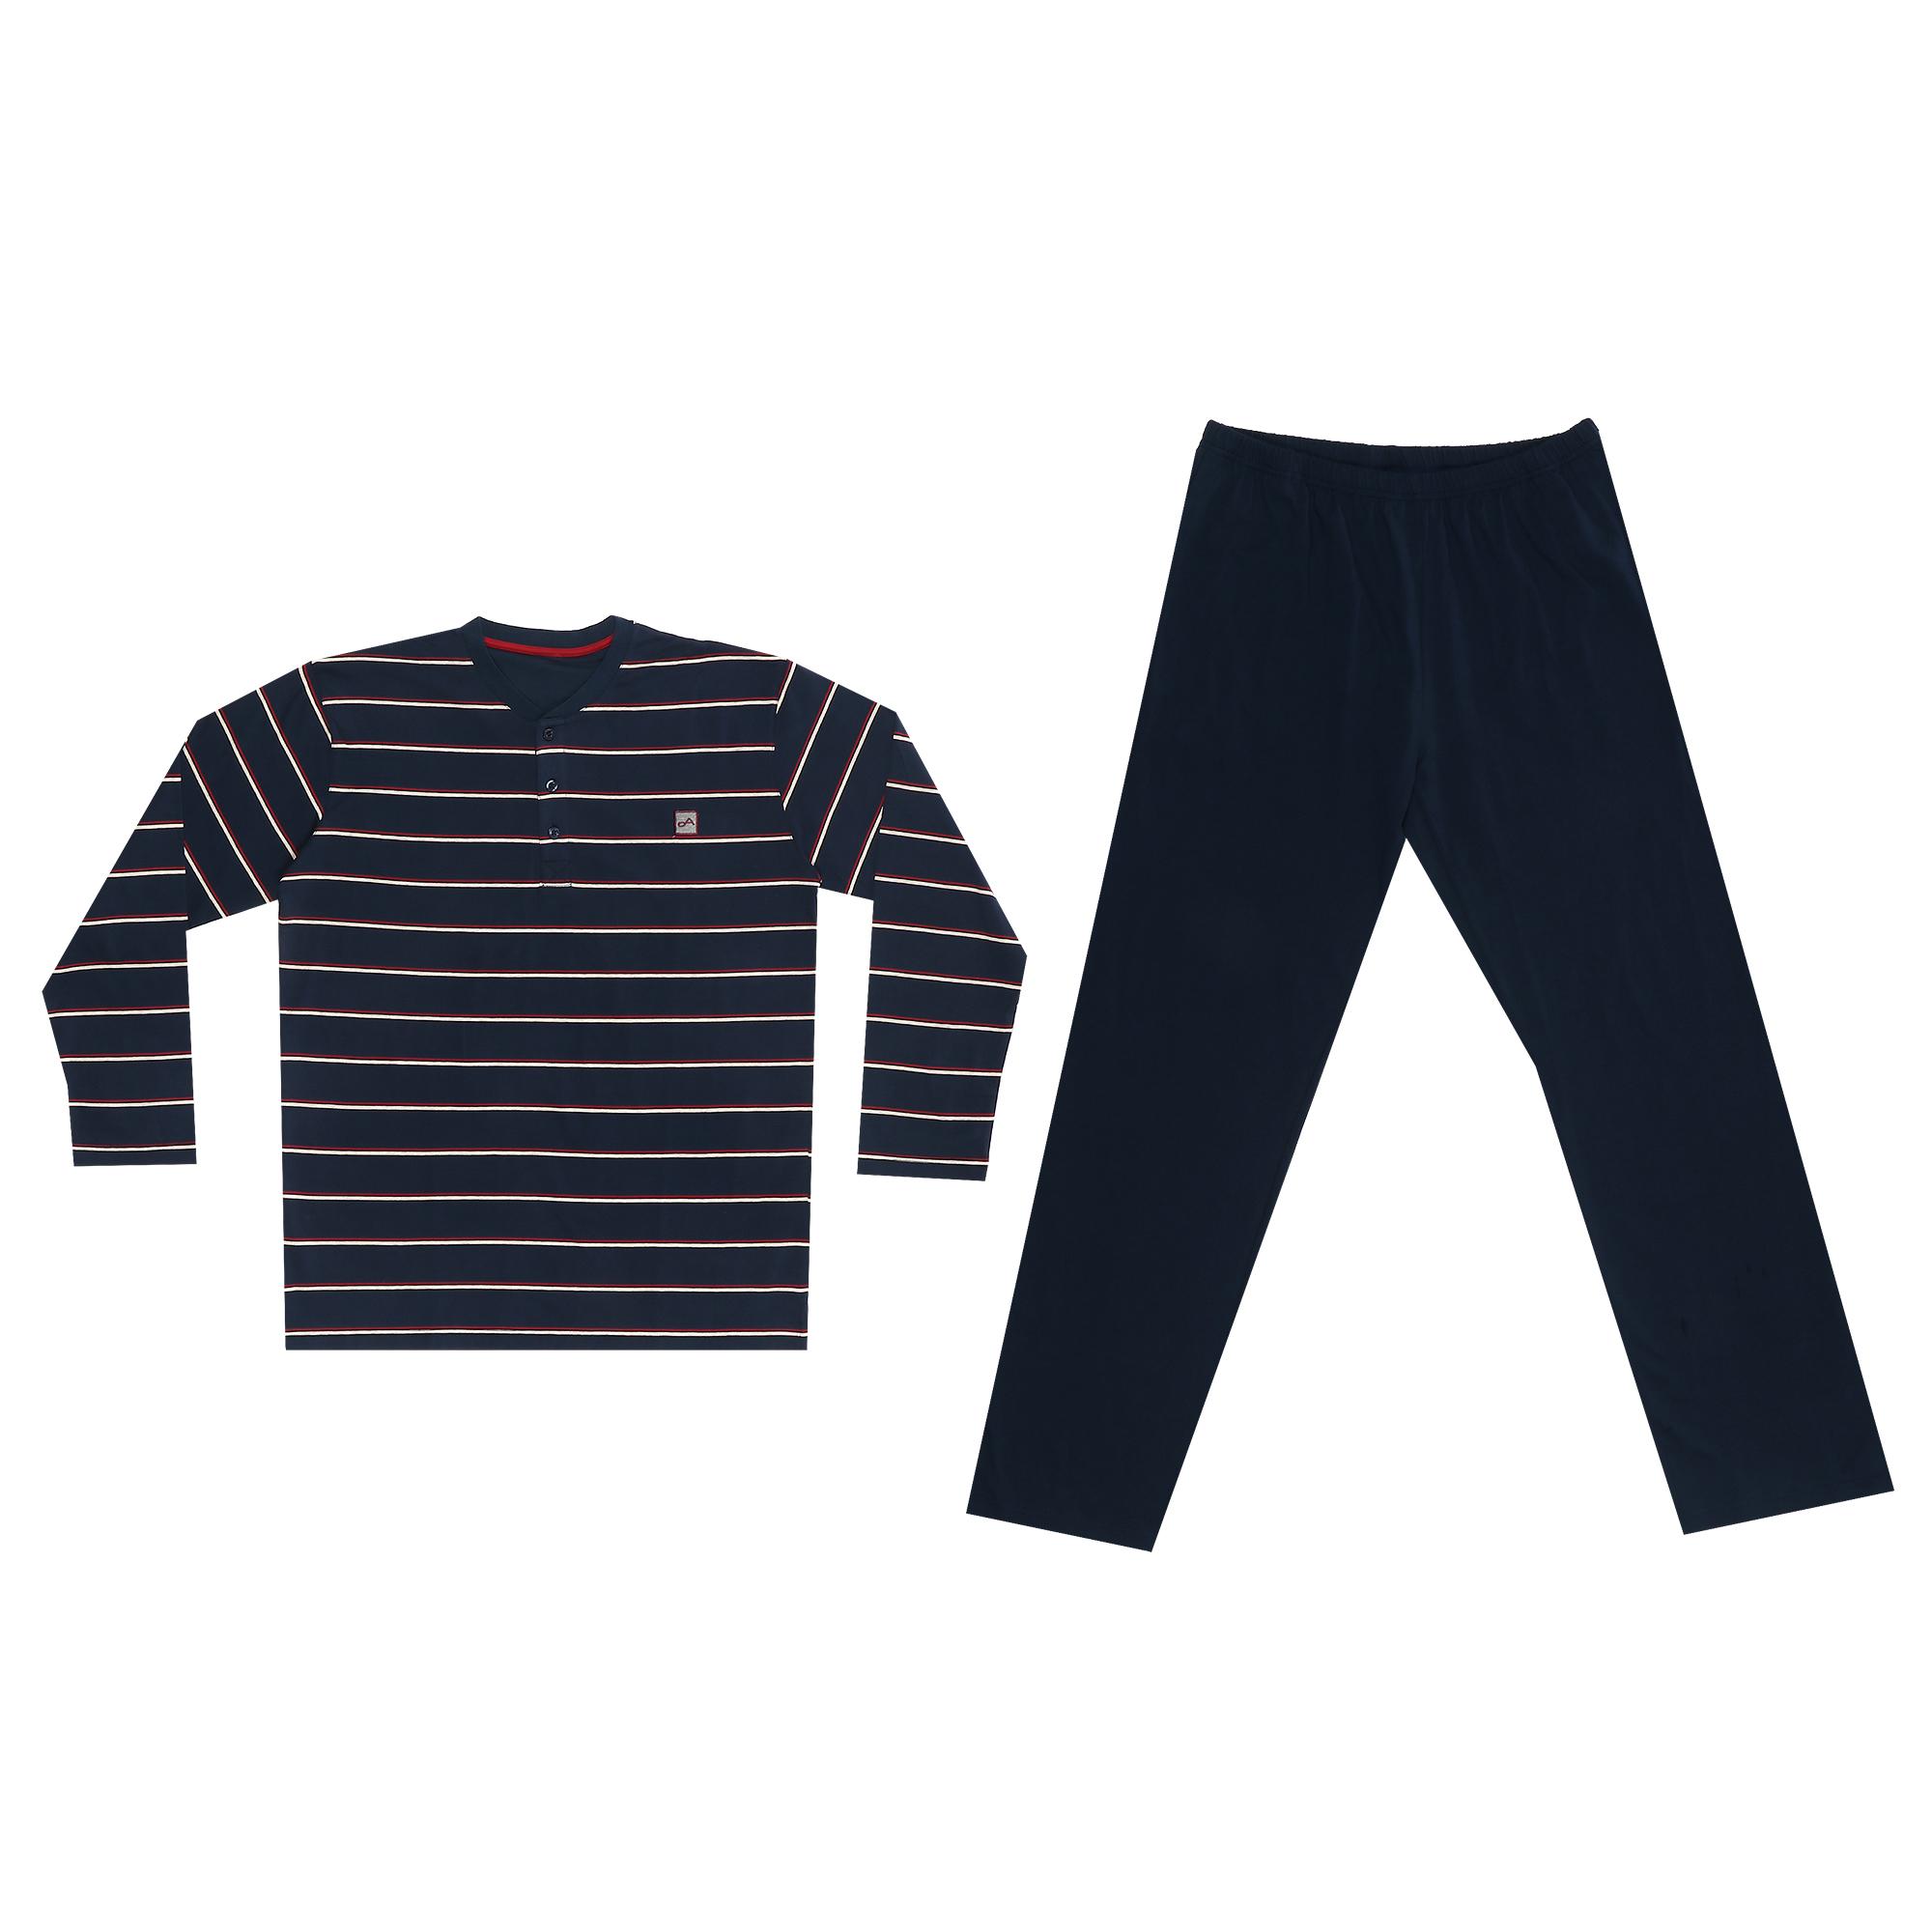 комплект домашний мужской vienetta s secret league капри футболка цвет сапфировый 711124 3286 размер 50 xl Домашний мужской костюм Xiamen Honesty MP-129 синий XL